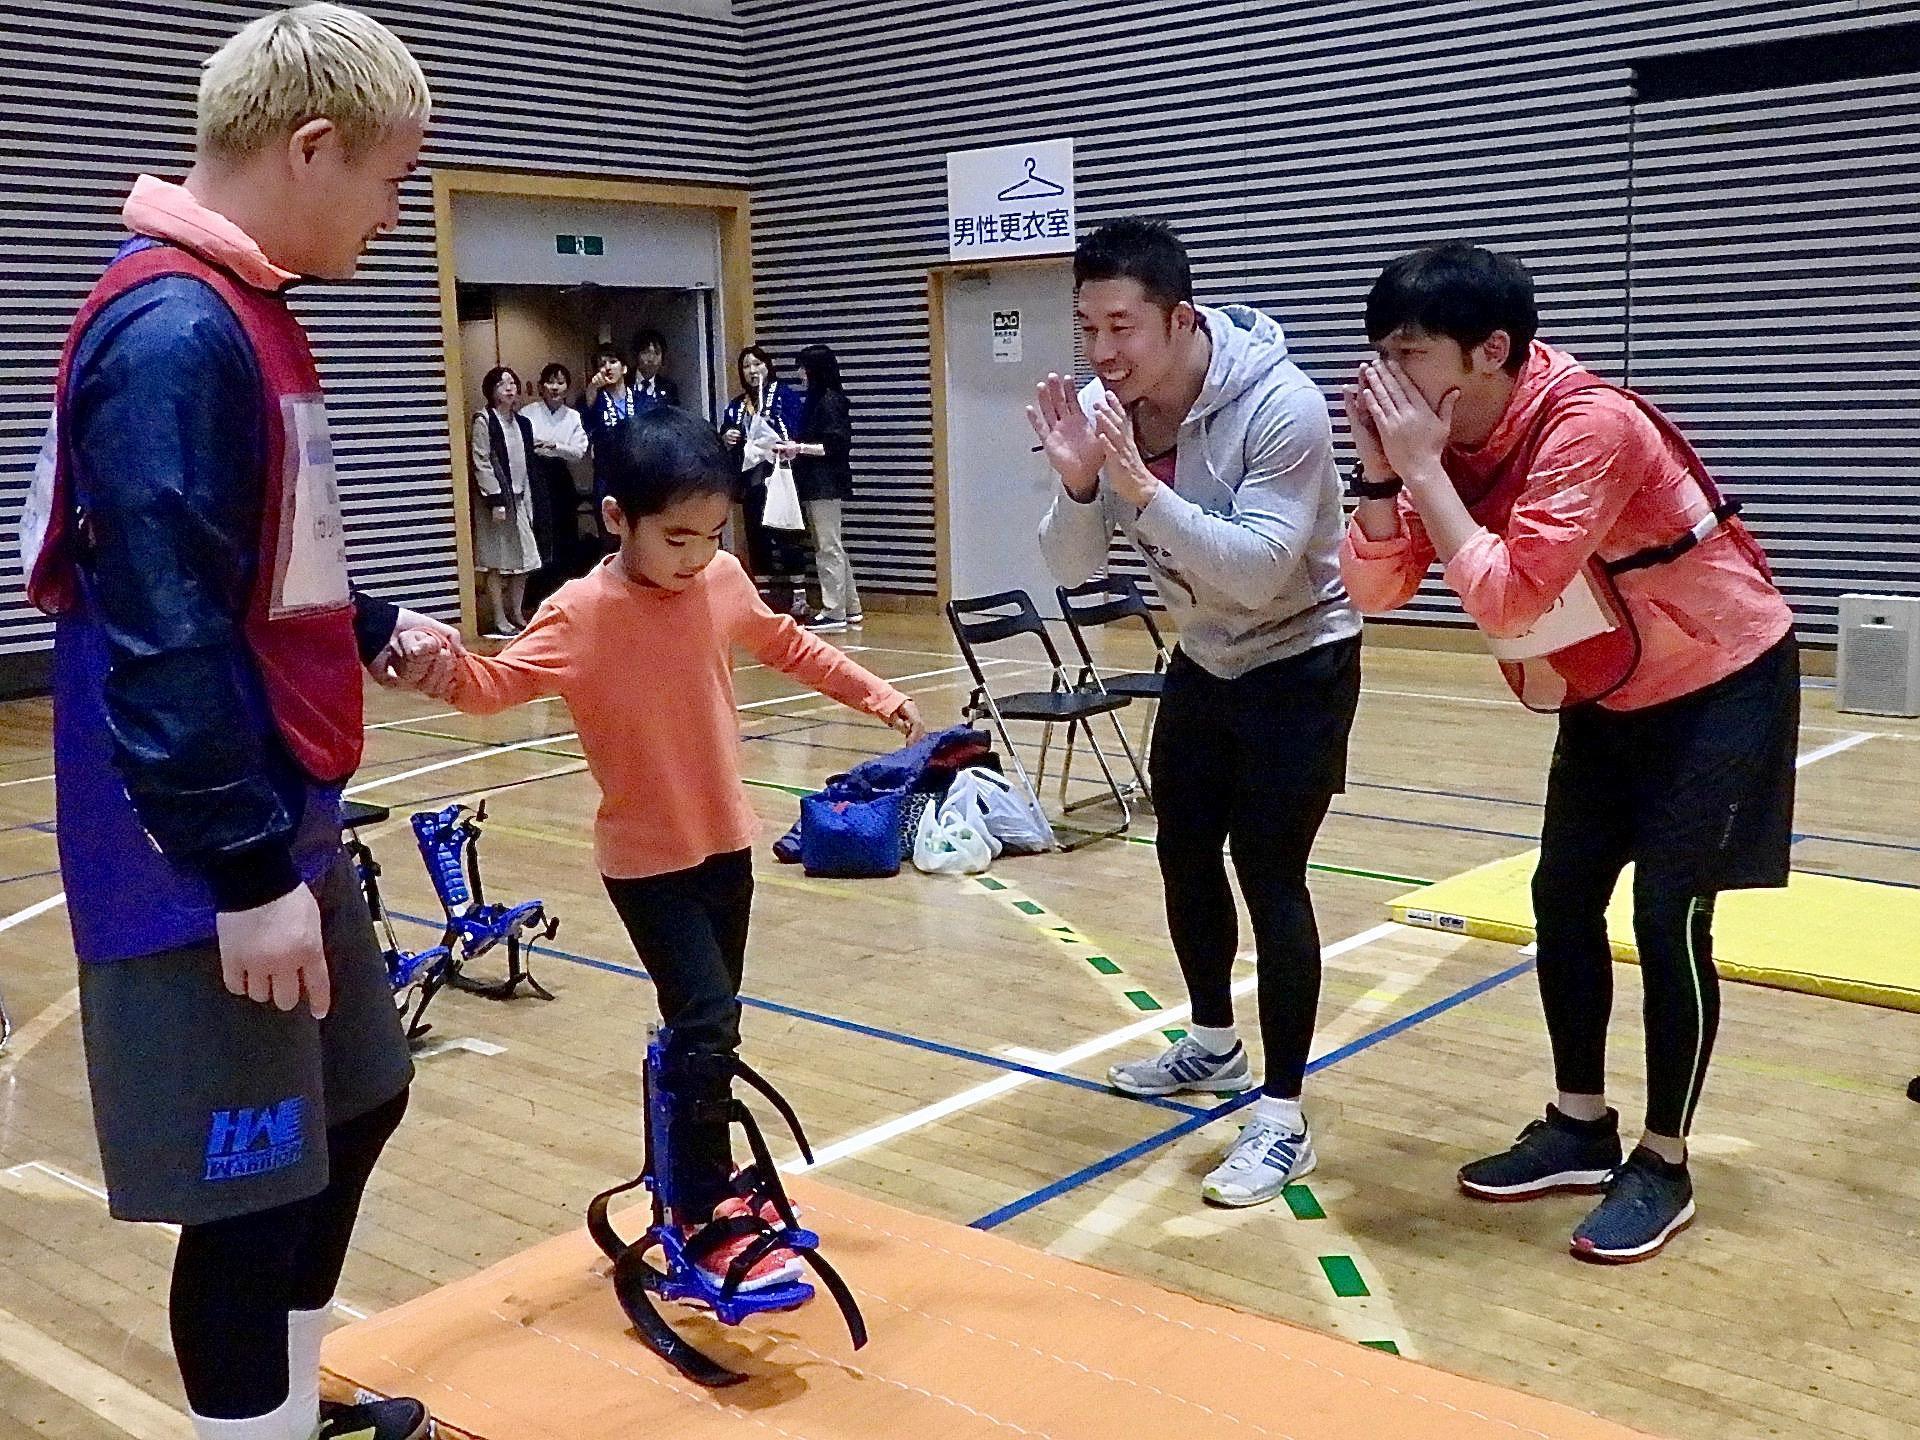 http://news.yoshimoto.co.jp/20171203110854-068808bbedeb81c43fbb63f37c261837a461cb80.jpg